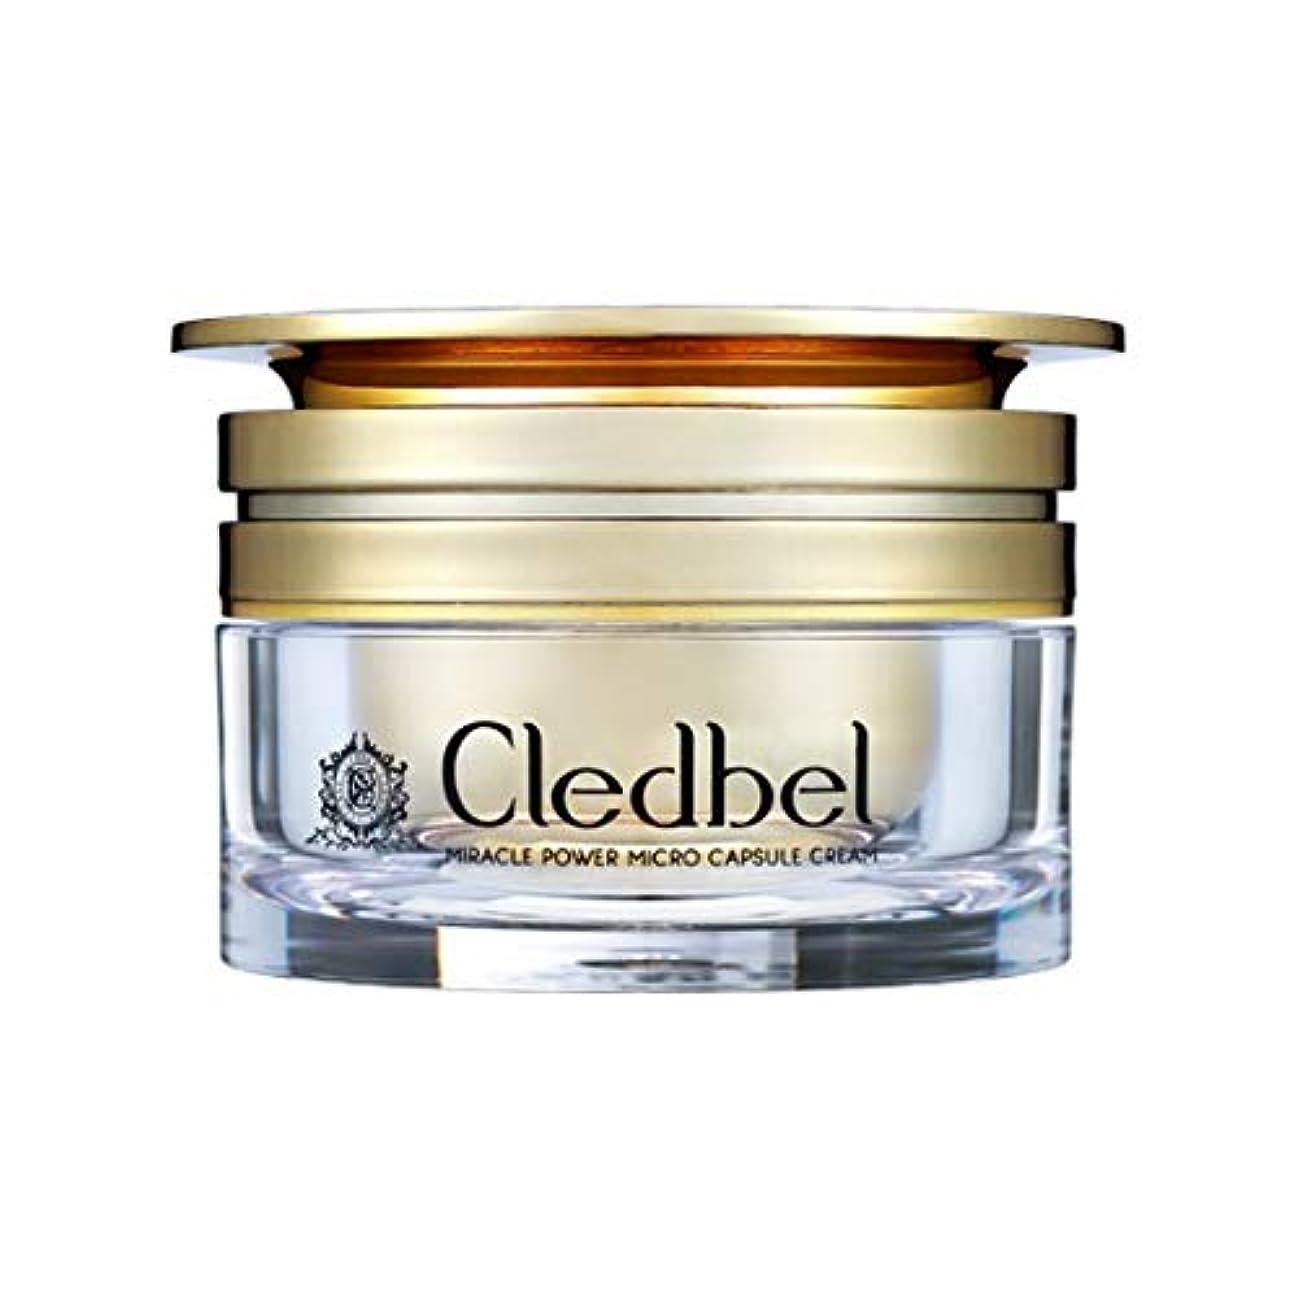 差し控えるホイットニー証拠[cledbel] Miracle Power Micro Capsule Cream 50ml / ミラクルパワーマイクロカプセルクリーム 50ml [並行輸入品]